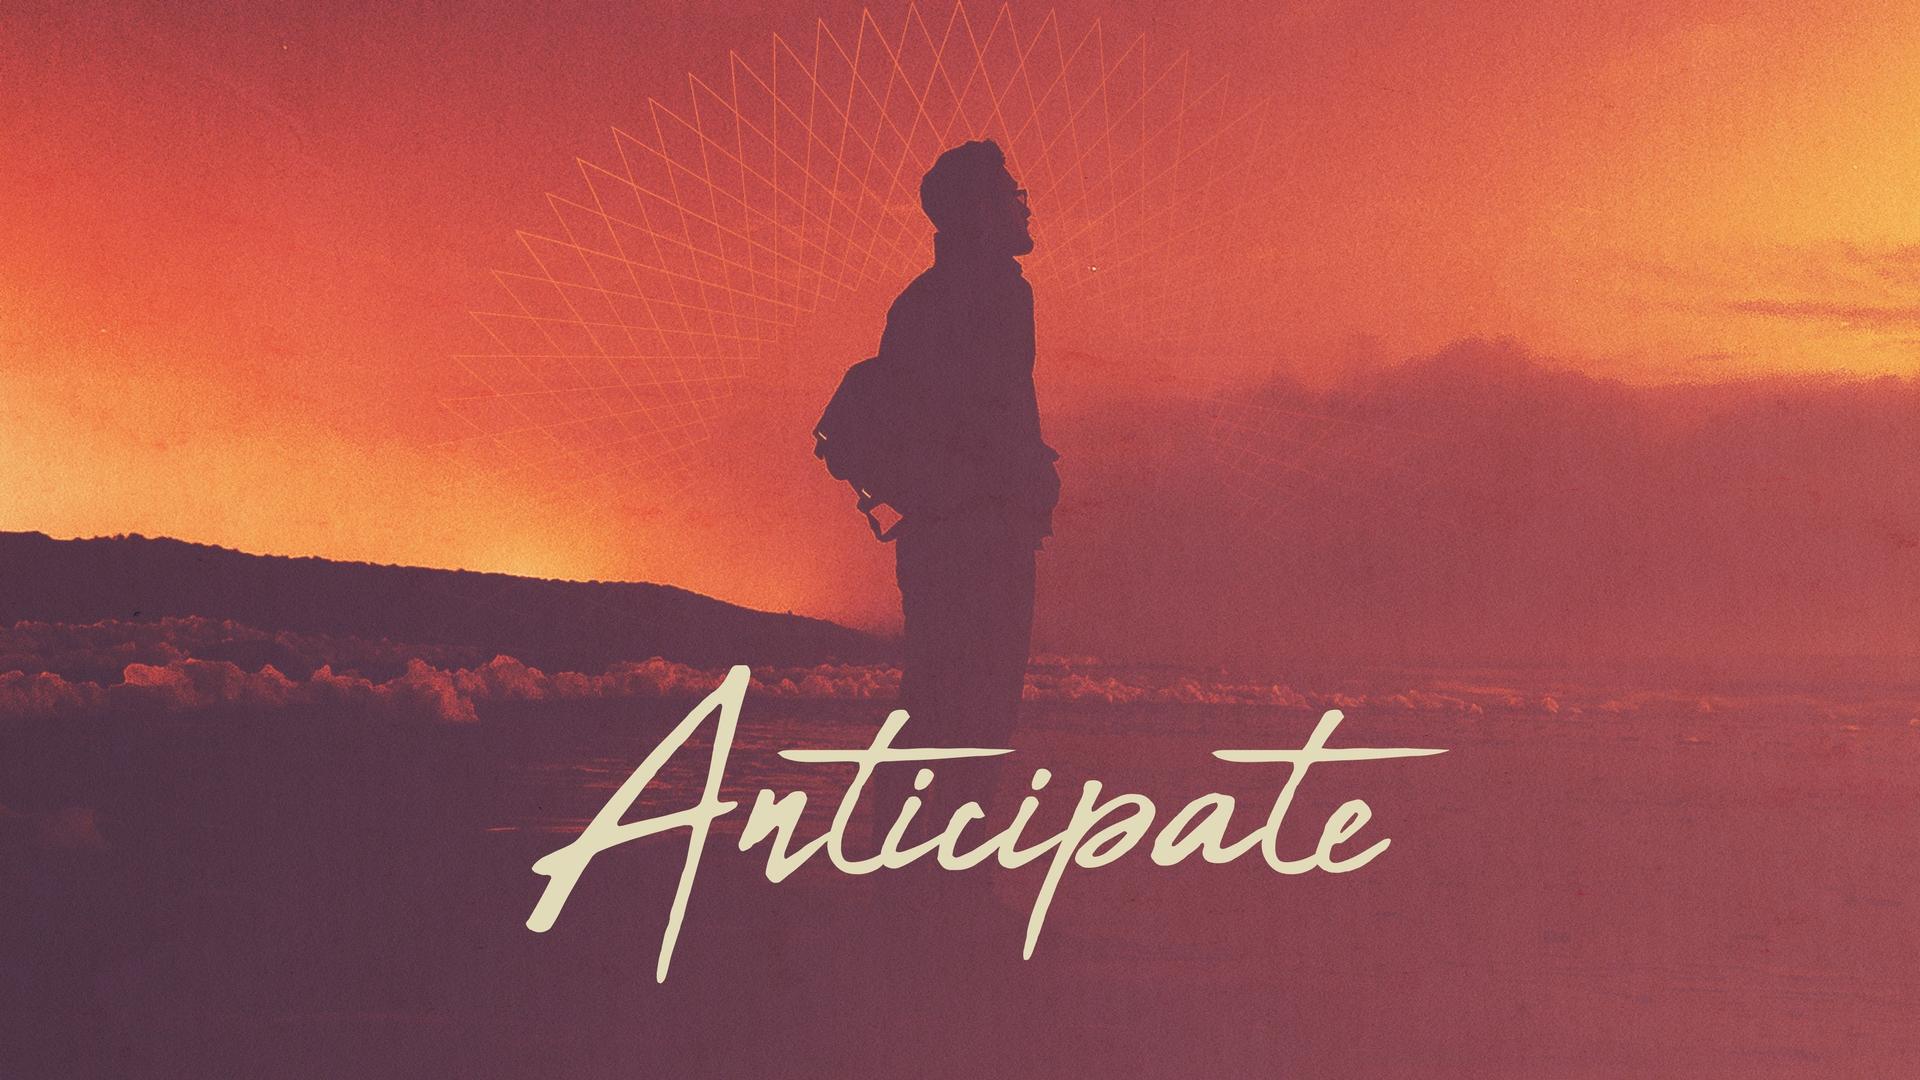 Anticipate (1).jpg